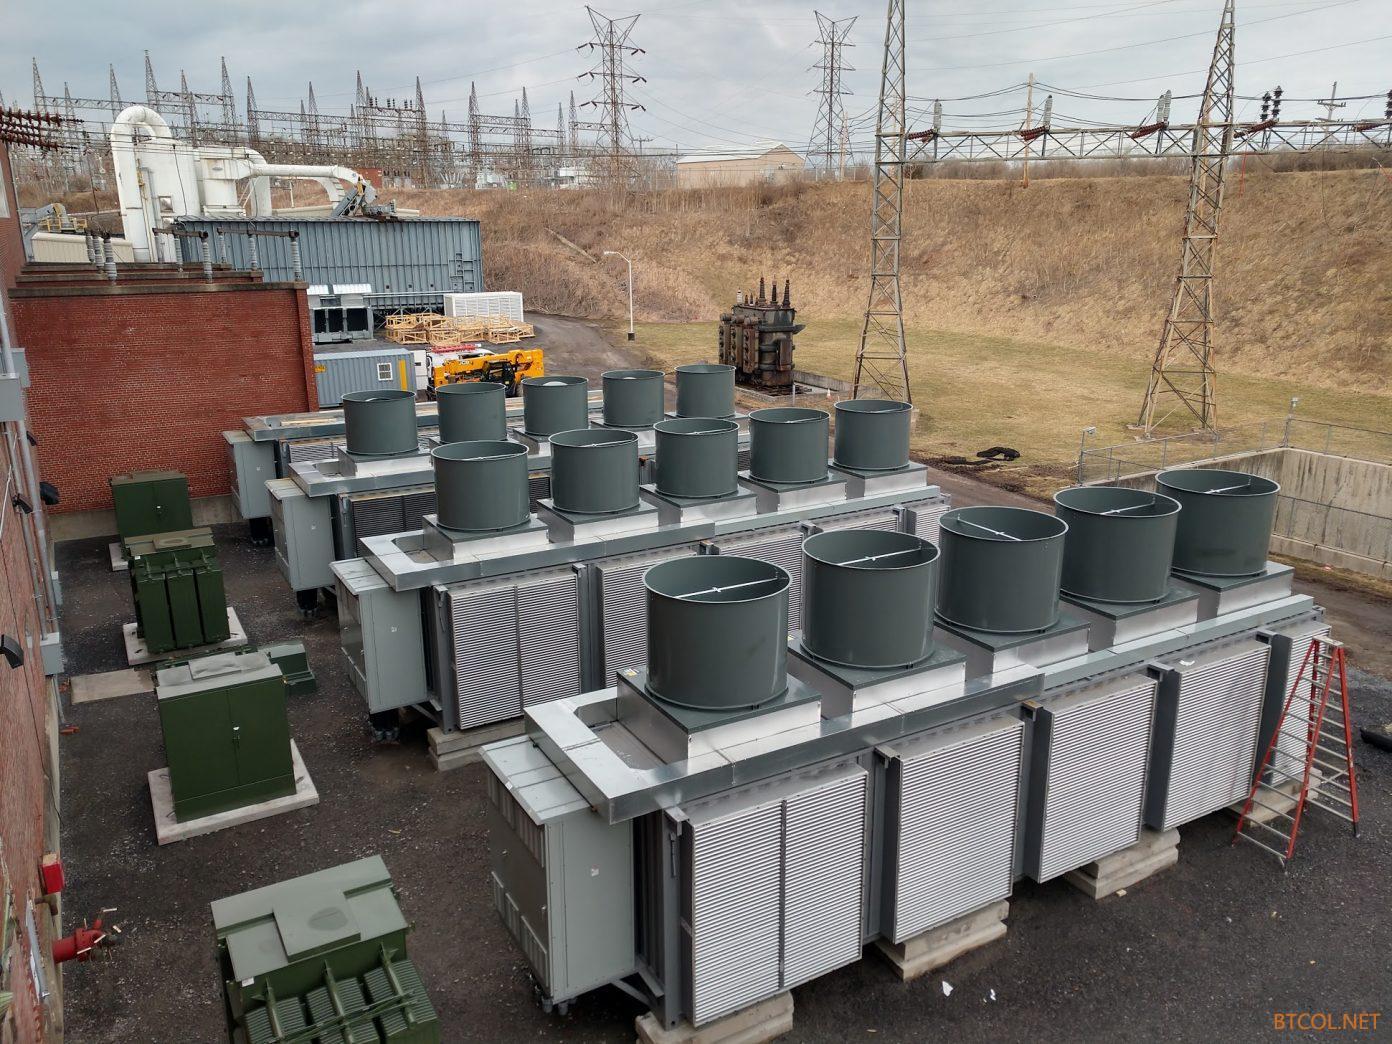 发电量过剩总浪费 美国电厂索性装矿机挖比特币